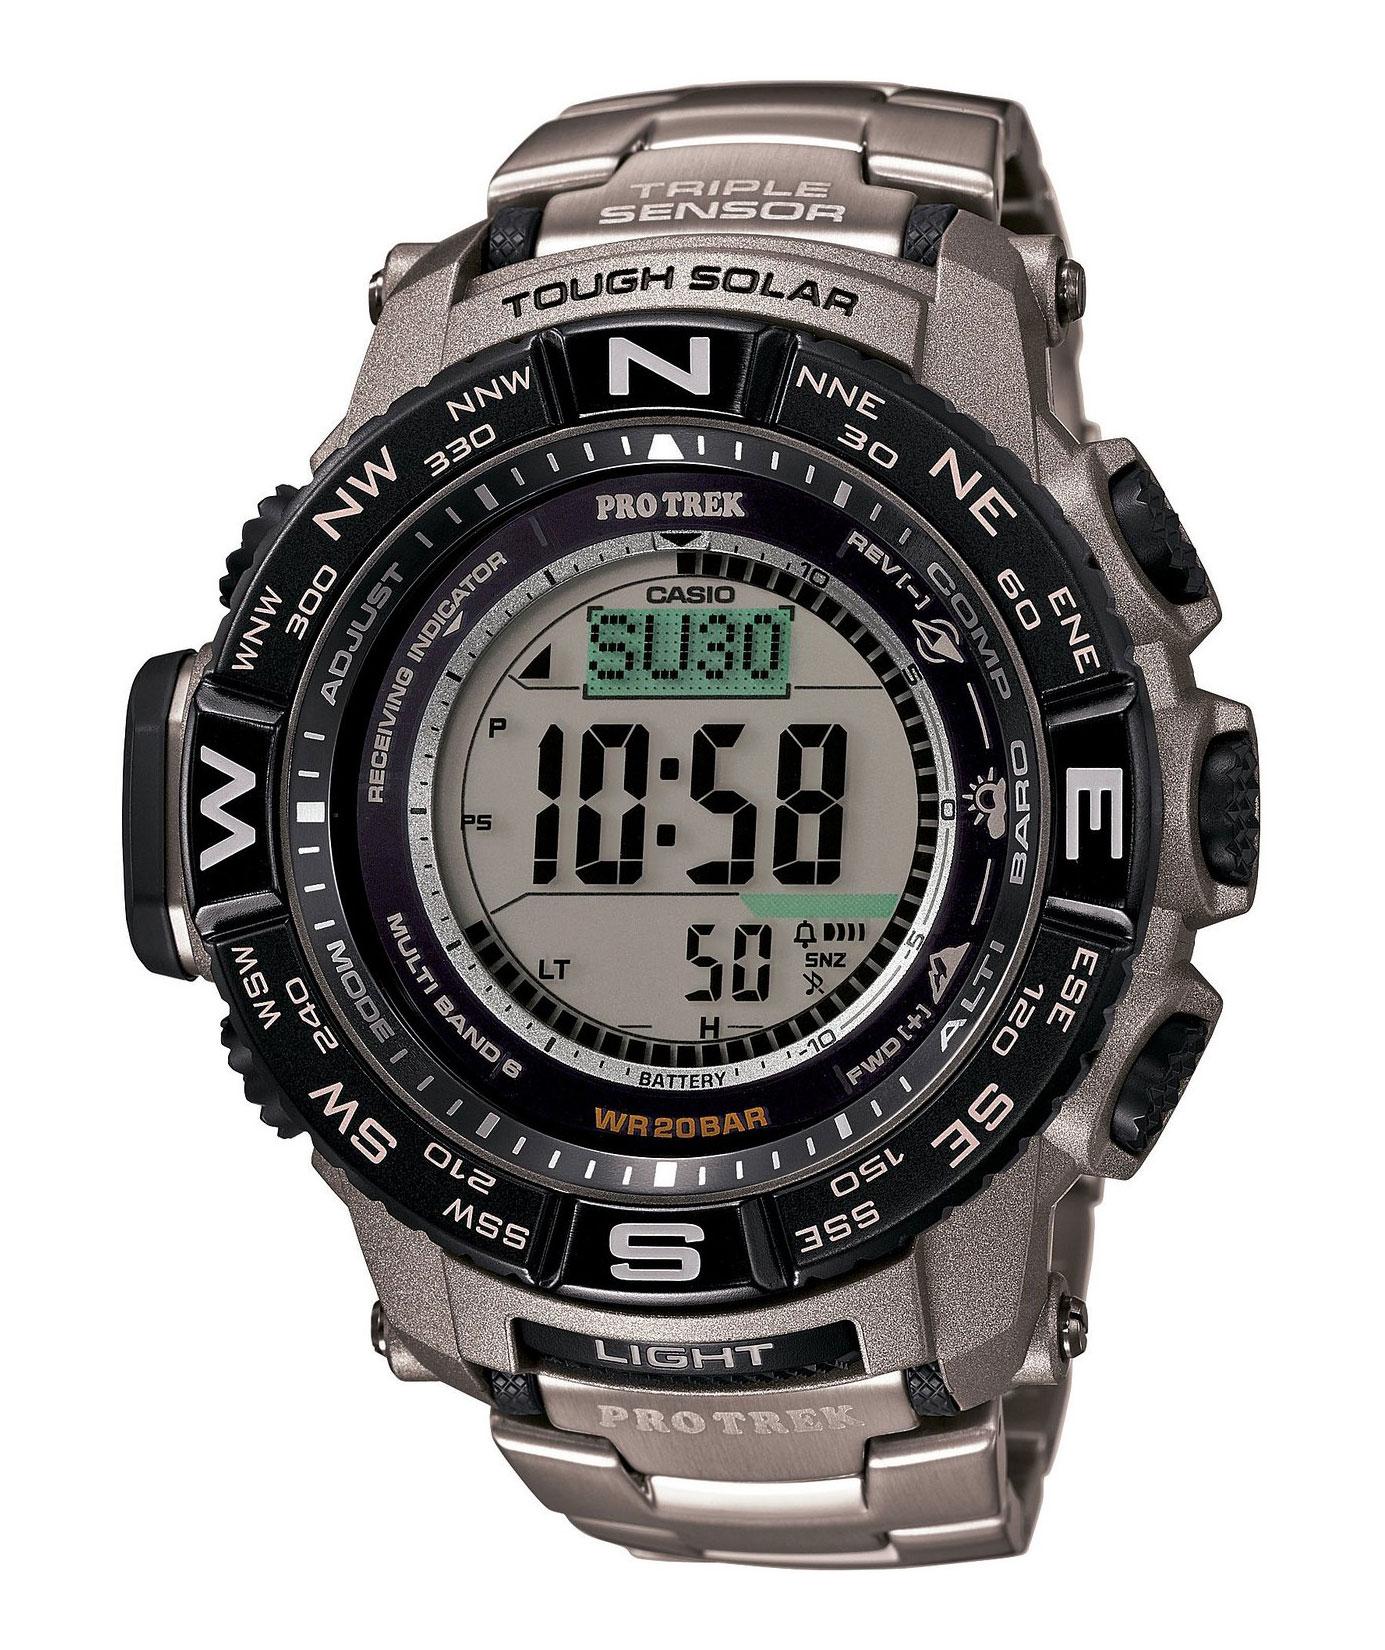 Часы мужские наручные Casio PRO TREK, цвет: титановый, черный. PRW-3500T-7EINT-06501Стильные мужские часы Casio PRO TREK выполнены из нержавеющей стали, полимерных материалов и минерального стекла. Изделие дополнено подсветкой высокой яркости, корпус часов оформлен символикой бренда. В часах предусмотрен цифровой отсчет времени.Часы оснащены функцией мирового времени, которая позволяет мгновенно выяснять текущее время. Часы могут быть настроены на подачу тонального или светового сигнала при наступлении выставленного времени. Функция таймера позволит обеспечить обратный отсчет времени, начиная с выставленного и подачу тонального или светового сигнала, когда отсчет доходит до нуля. Функция секундомера позволит замерять прошедшее время в пределах тысячи часовс точностью 1/100 секунды, предусмотрен будильник, термометр, цифровой компас, альтиметр, барометр. Степень влагозащиты 20 atm. Изделие дополнено браслетом из стали. Браслет застегивается на замок-клипсу, который позволит максимально комфортно и быстро снимать и одевать часы.Часы поставляются в фирменной упаковке.Многофункциональные часы Casio PRO TREK подчеркнут мужской характер и отменное чувство стиля у их обладателя.